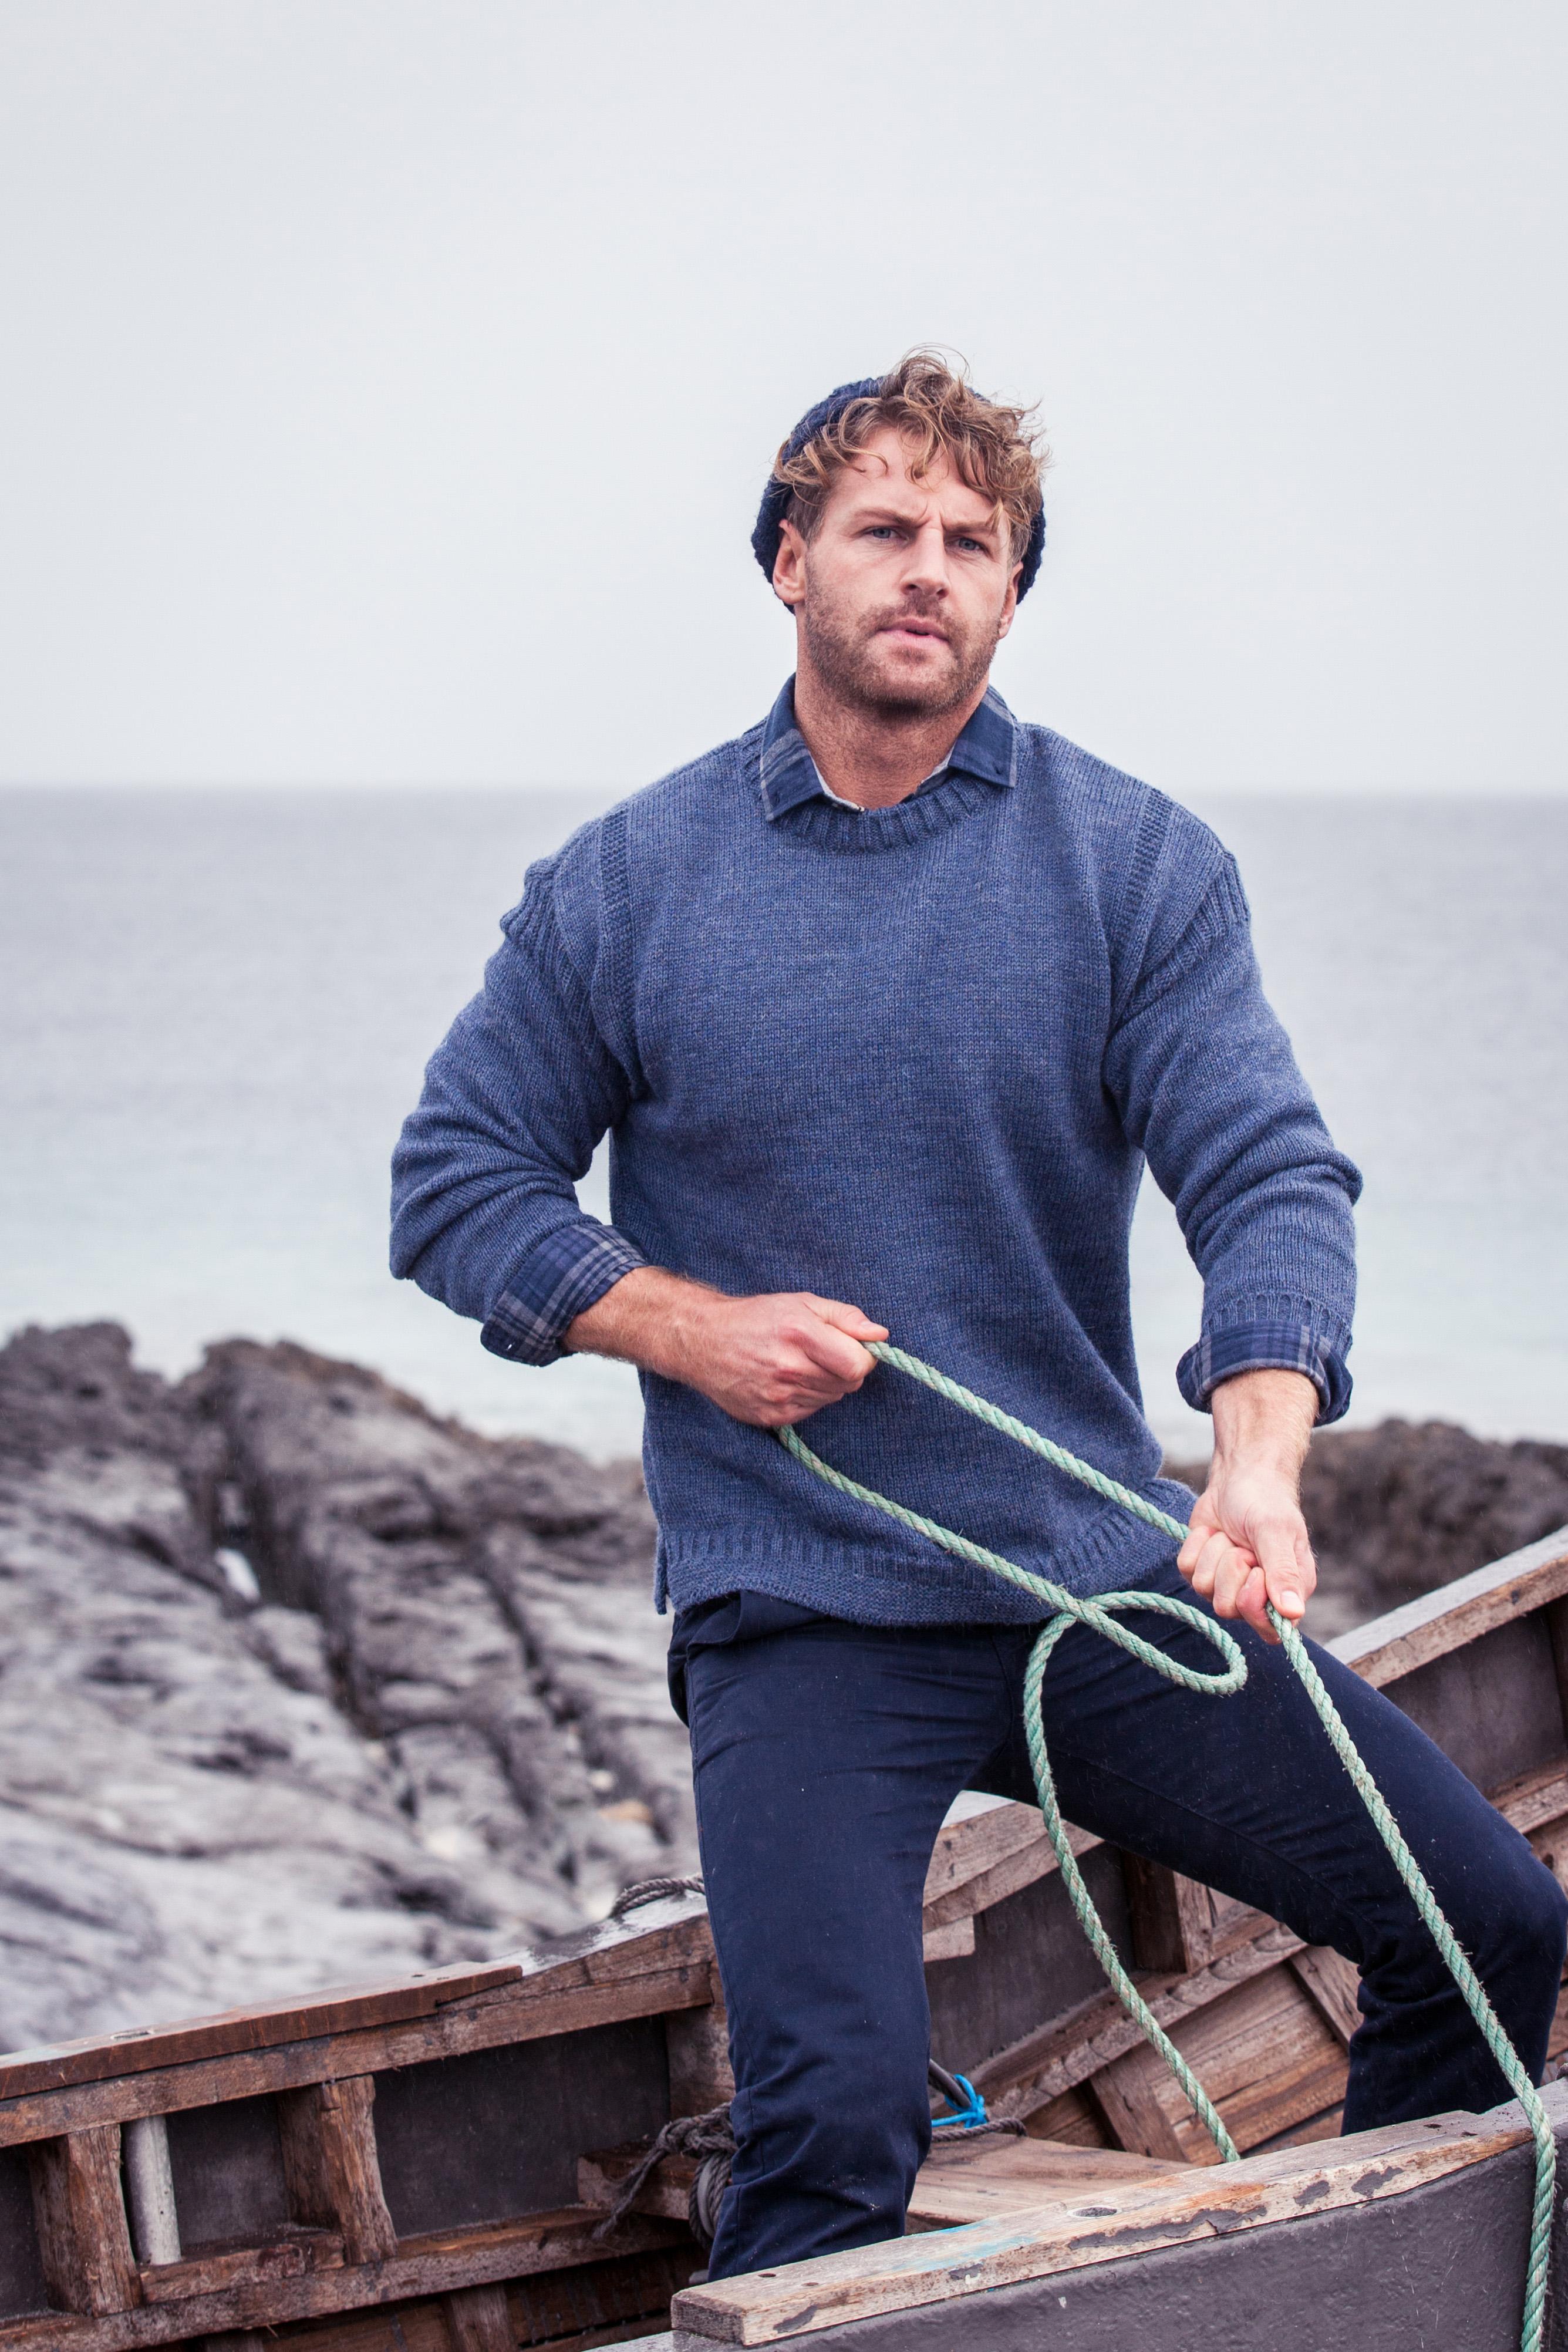 Irish Aran Fisherman Sweaters - steeped in our island history